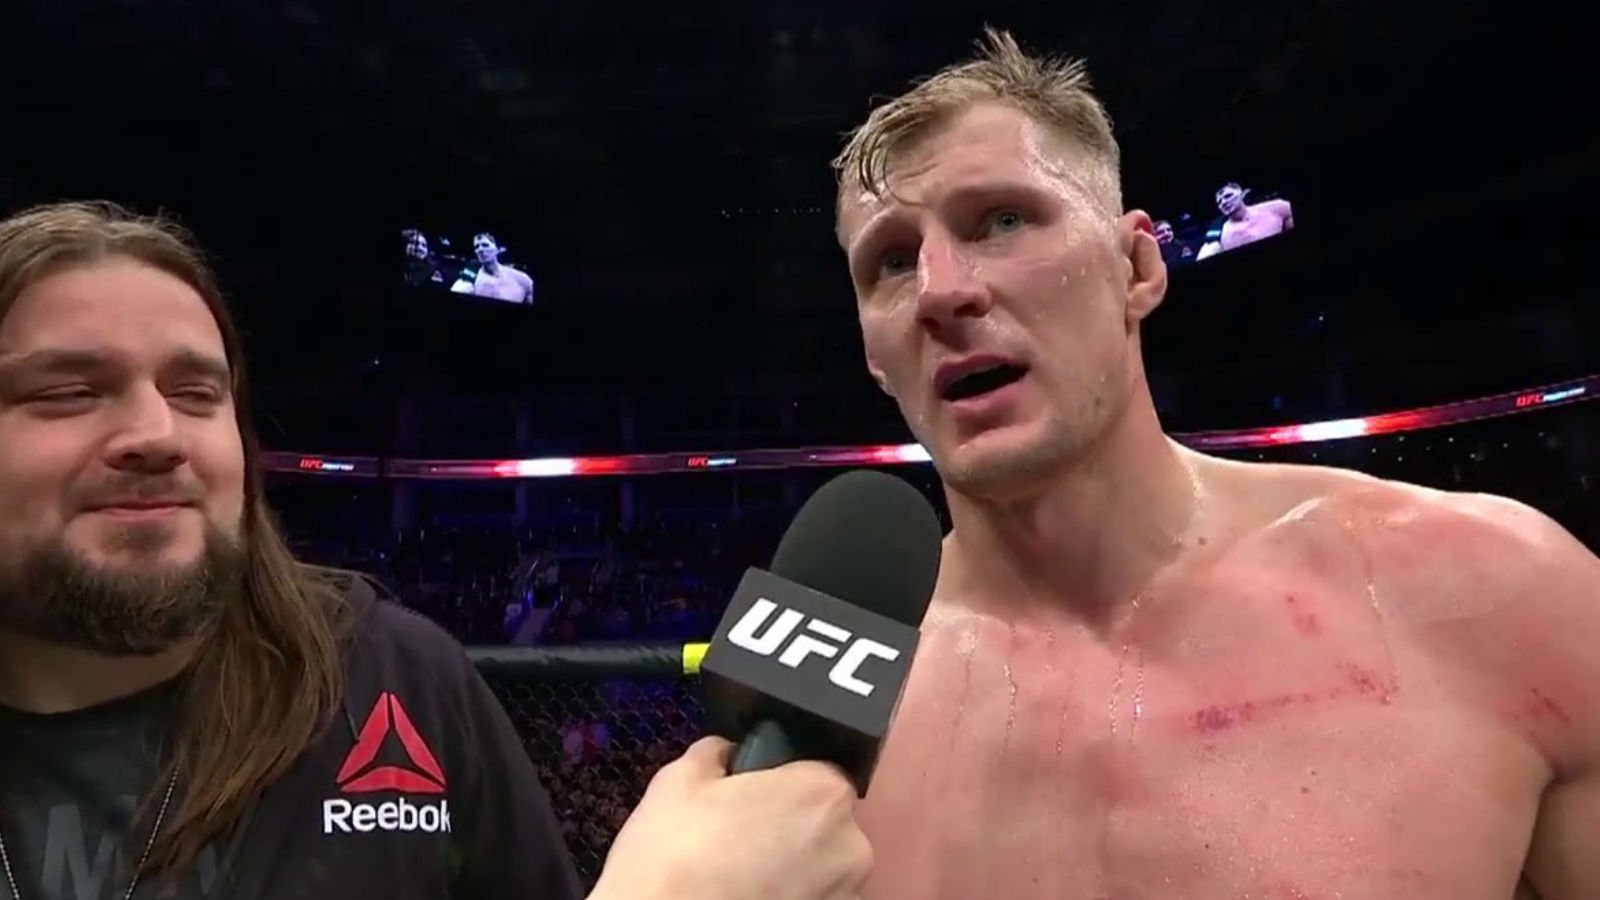 БК «Париматч»: Блэйдс сделает Волкову минимум три тейкдауна на UFC 21 июня